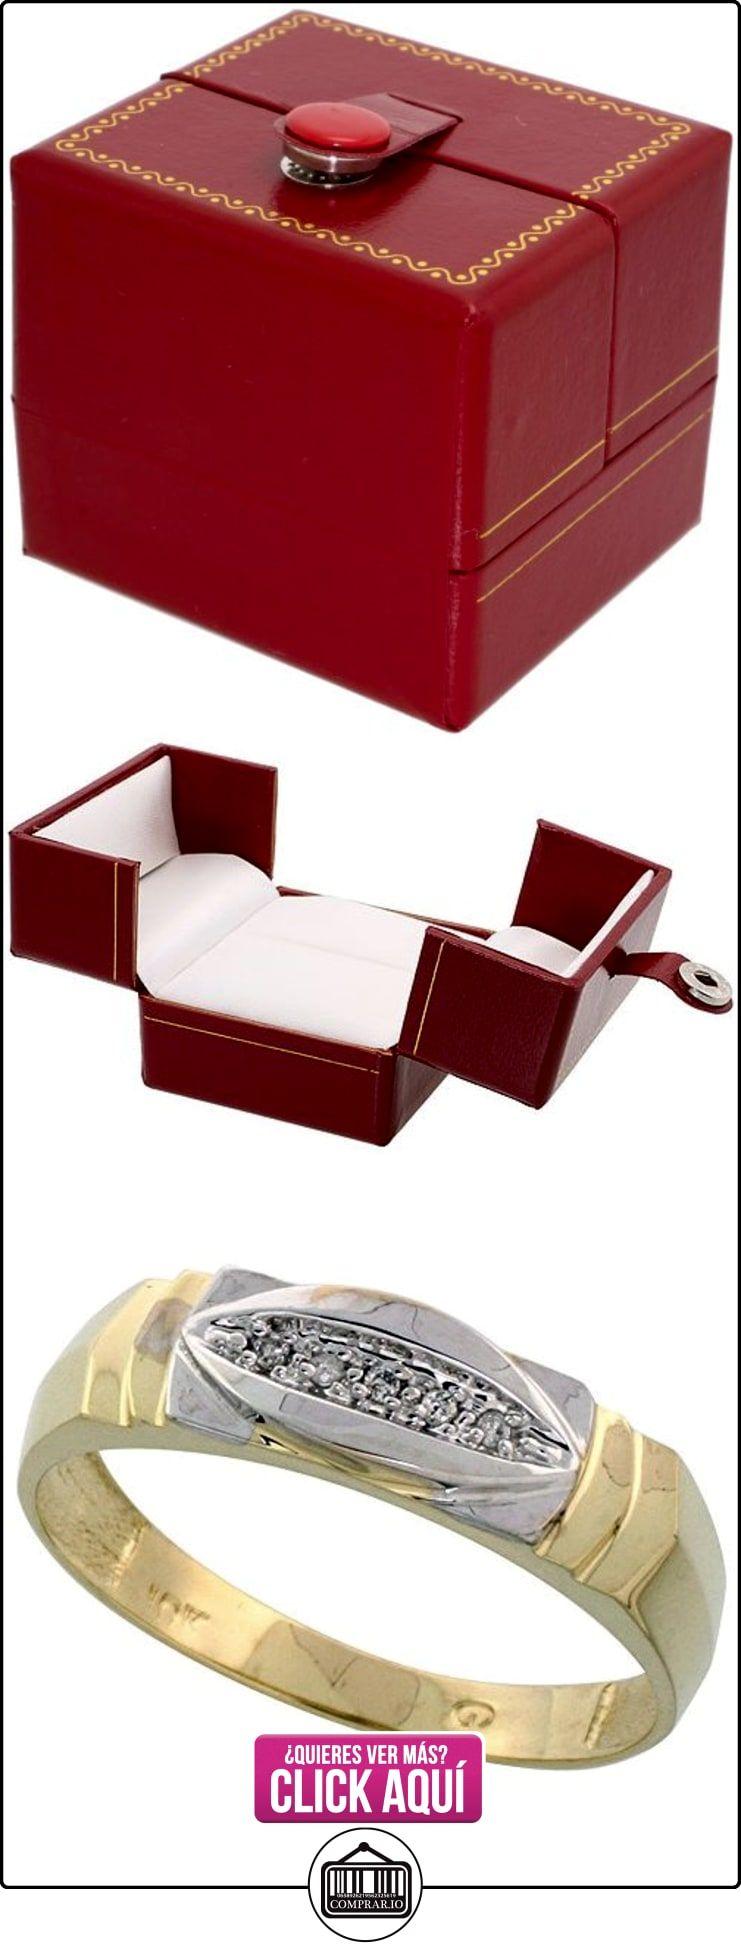 Revoni - Juego de alianzas de oro amarillo  ✿ Joyas para hombres especiales - lujo ✿ ▬► Ver oferta: http://comprar.io/goto/B003PDLZ6W